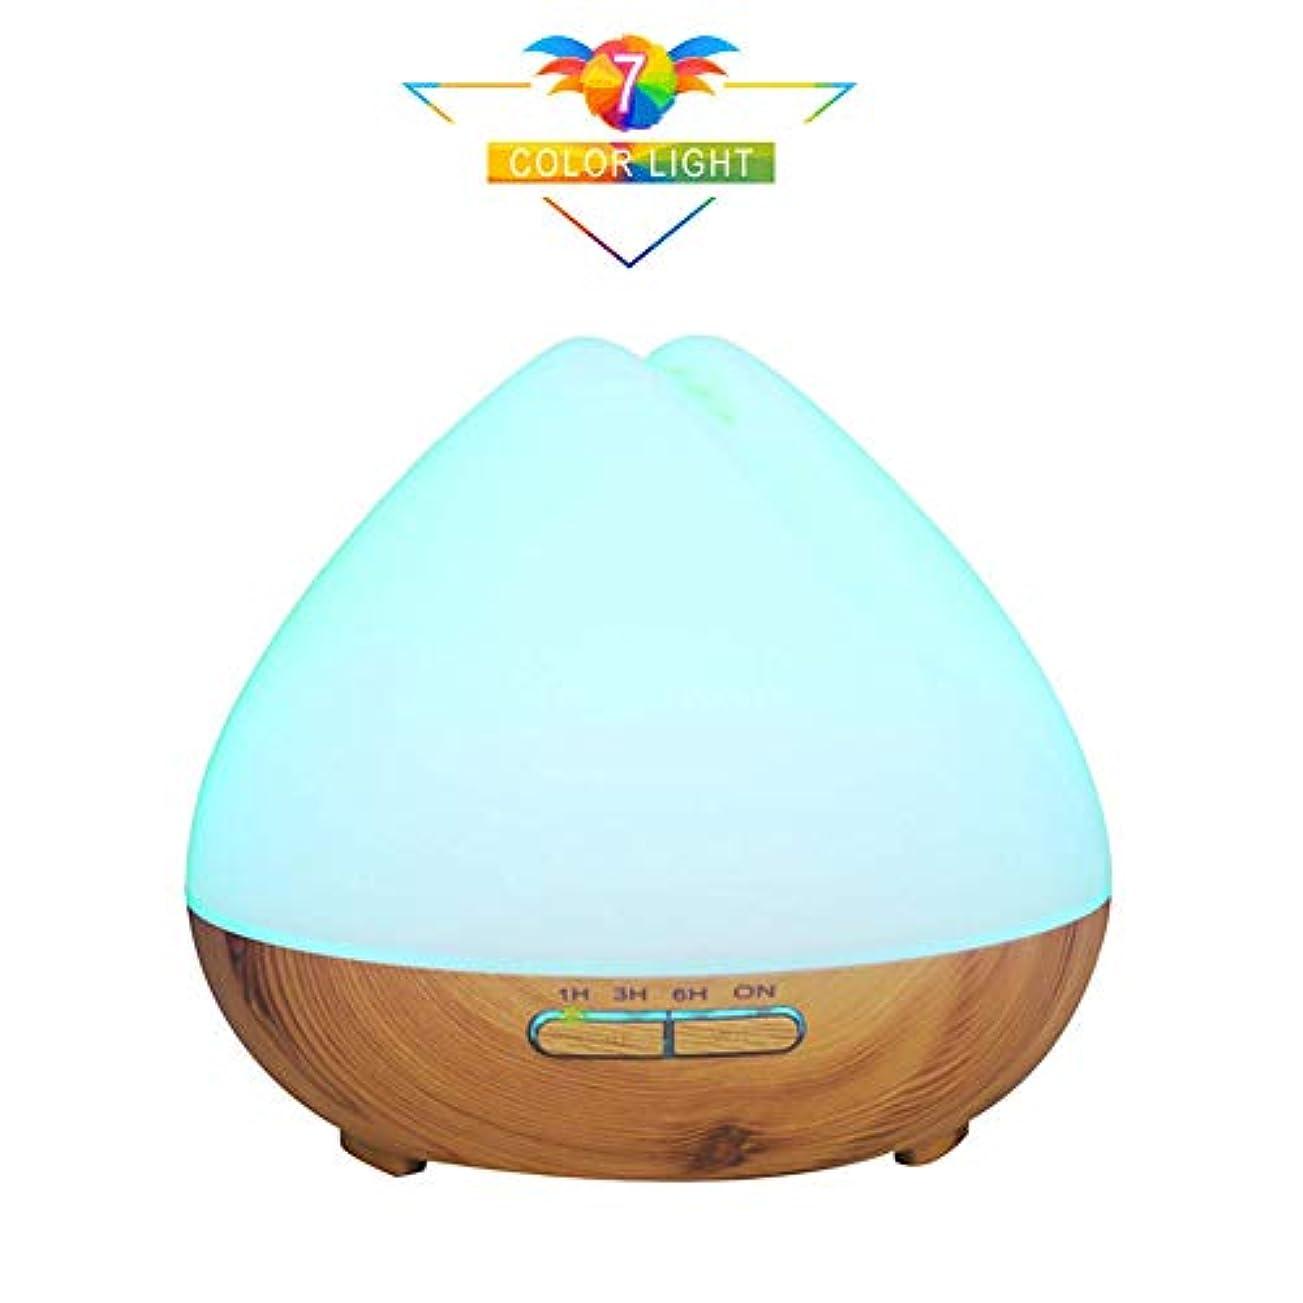 時制ベーカリーパパ400ミリリットルアロマエッセンシャルオイルディフューザー、クールミストアロマディフューザー7色を設定する4タイマーLEDライト